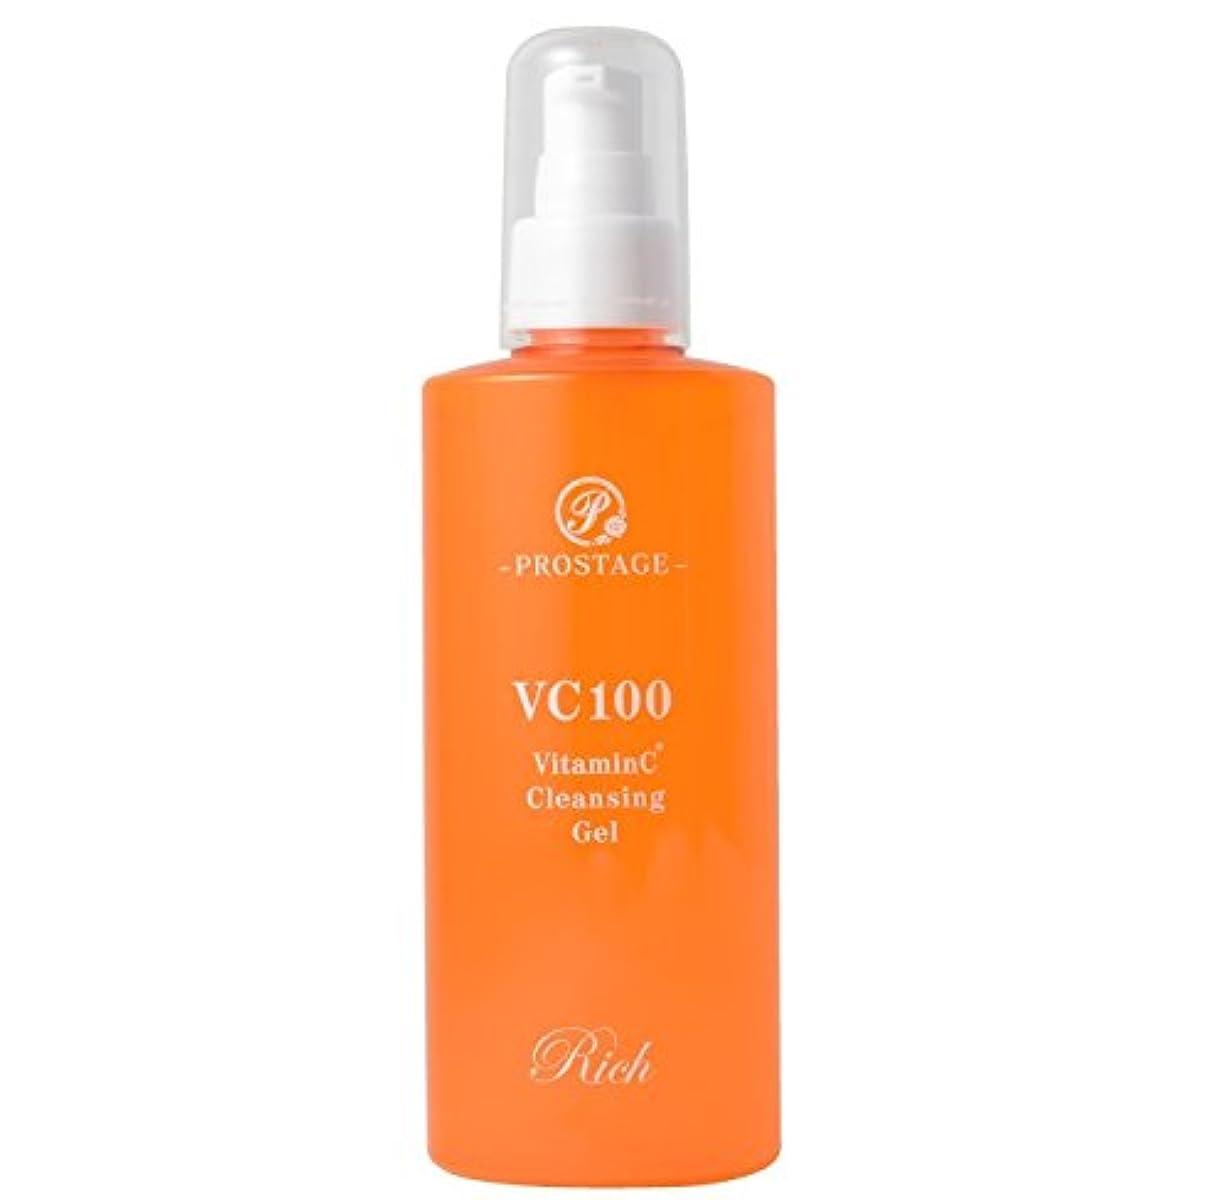 使役組中止します大容量 クレンジング 【超お買い得】200ml プロステージ VC100 VitaminC Cleansing Gel Rich ビタミンC クレンジングゲル 100倍浸透型ビタミンC 誘導体配合クレンジングジェル 200ml